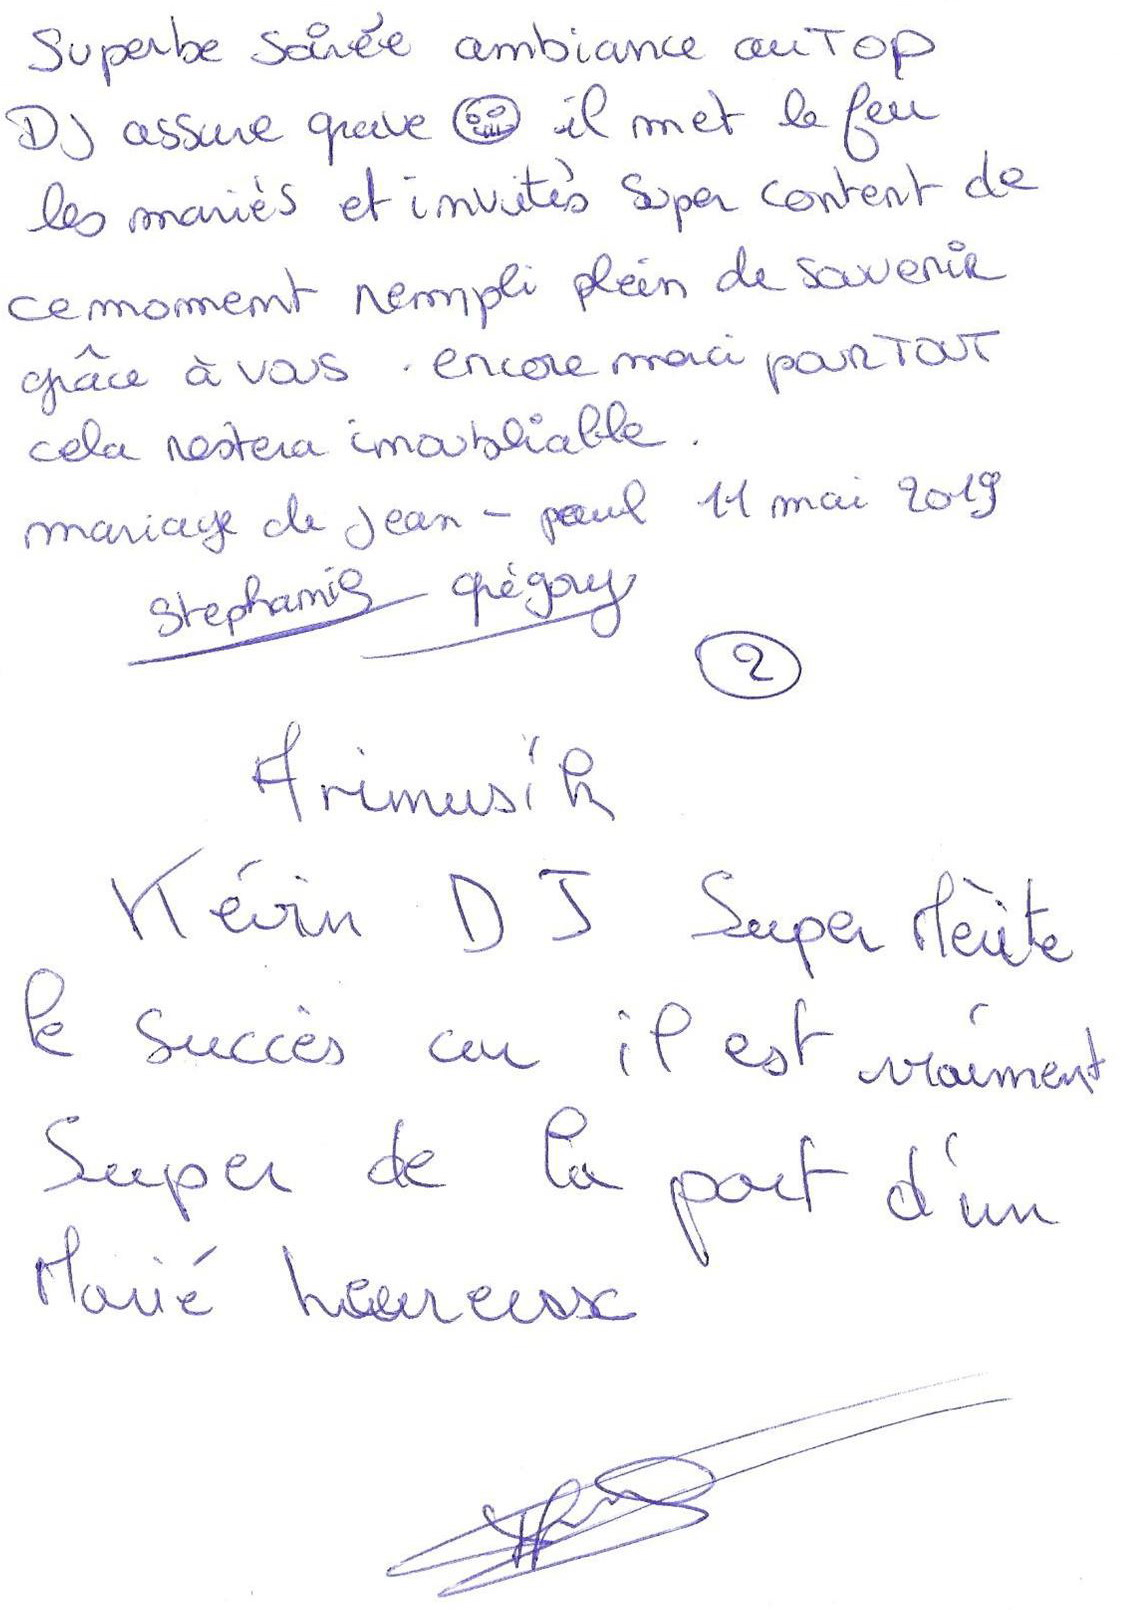 Mariage_de_Sylvie_&_Jean_Paul_FRANCOIS_à